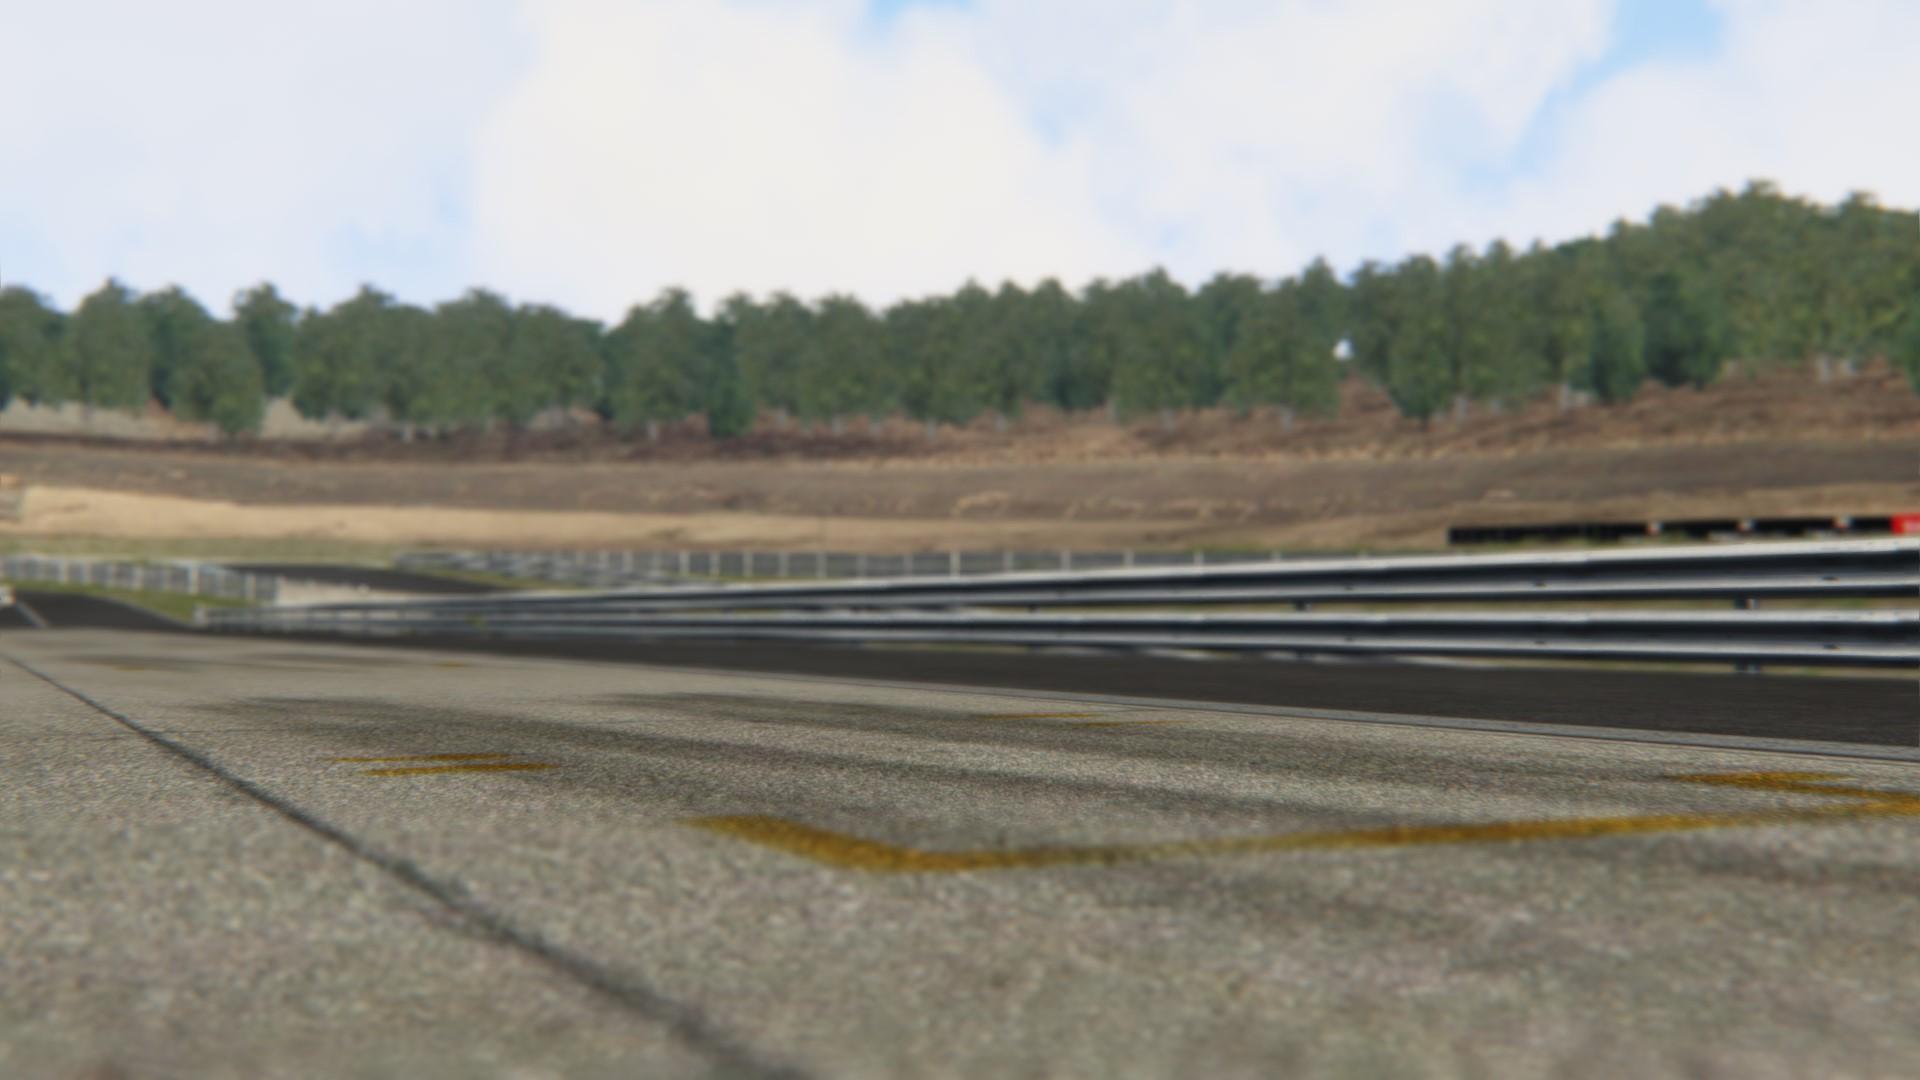 Screenshot_renault_meg250_fuji_speedway_short_5-4-116-16-21-52.jpg